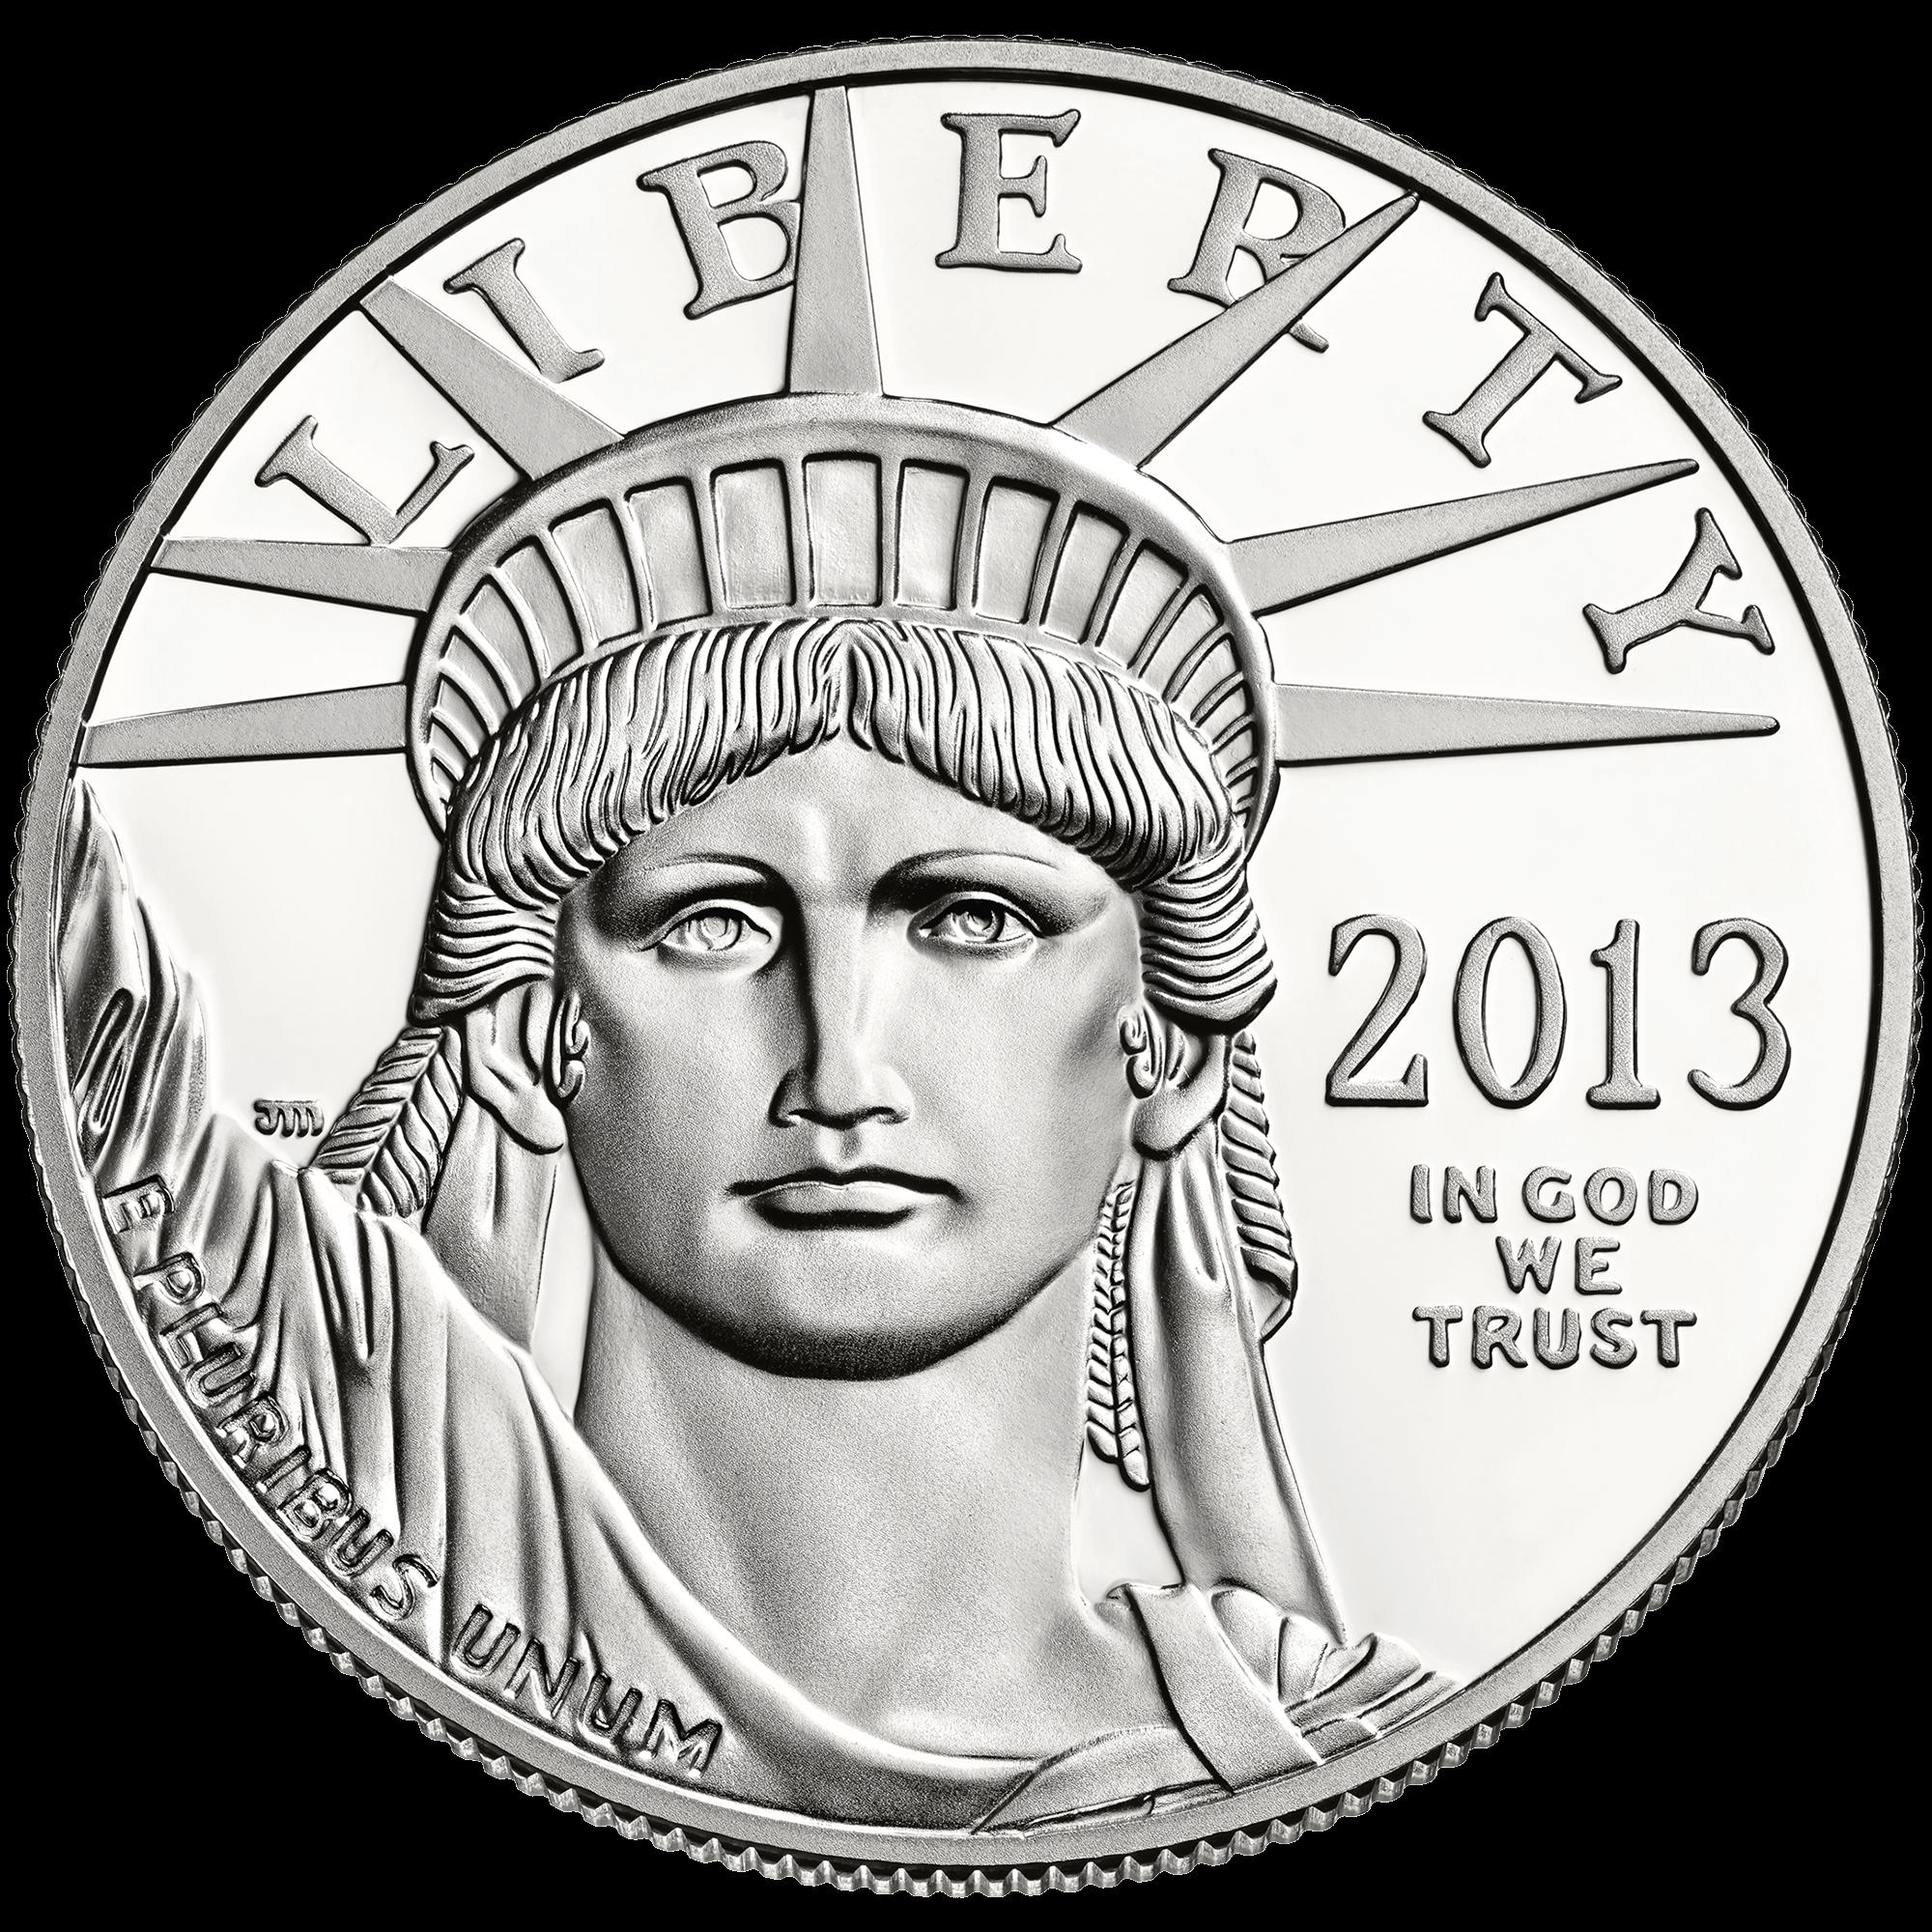 Nickel clipart canadian loonie. Precious metals gold nugget